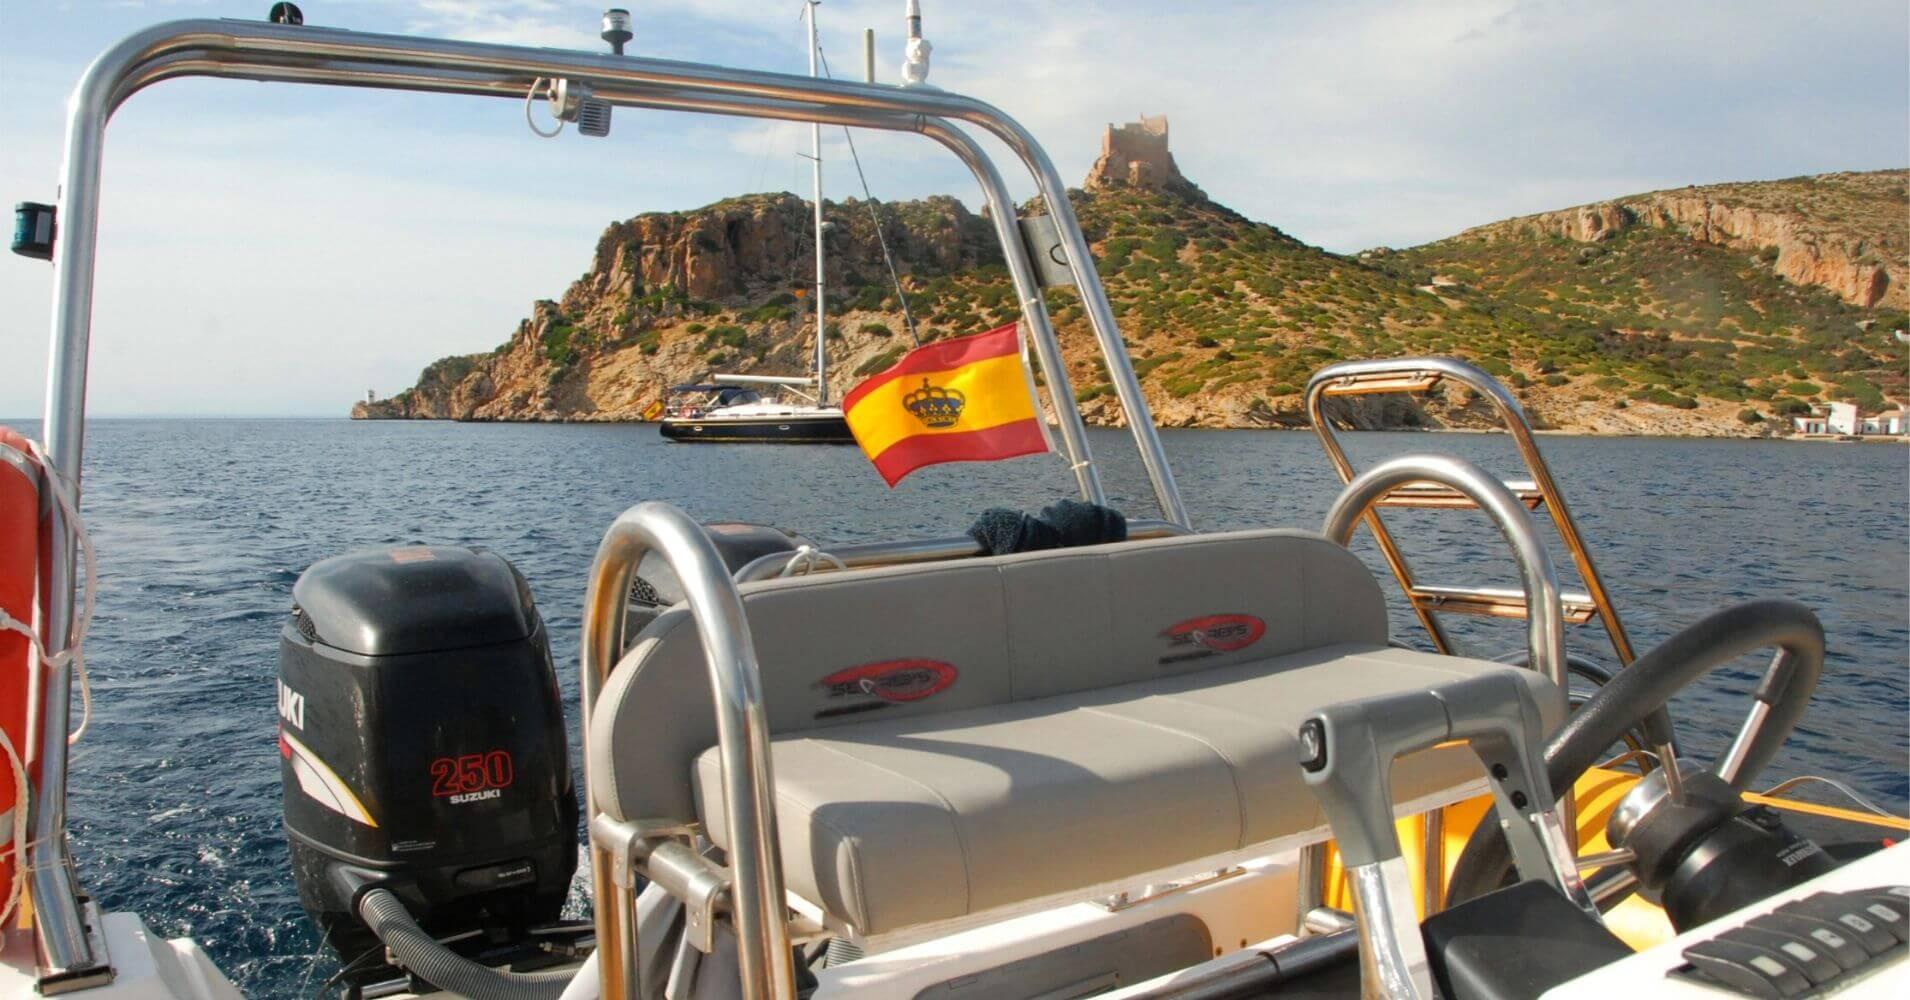 Empresas de Aventura en España. Mar Cabrera Speed Boat. Excursiones en lancha rápida a la Isla de La Cabrera. Islas Baleares.